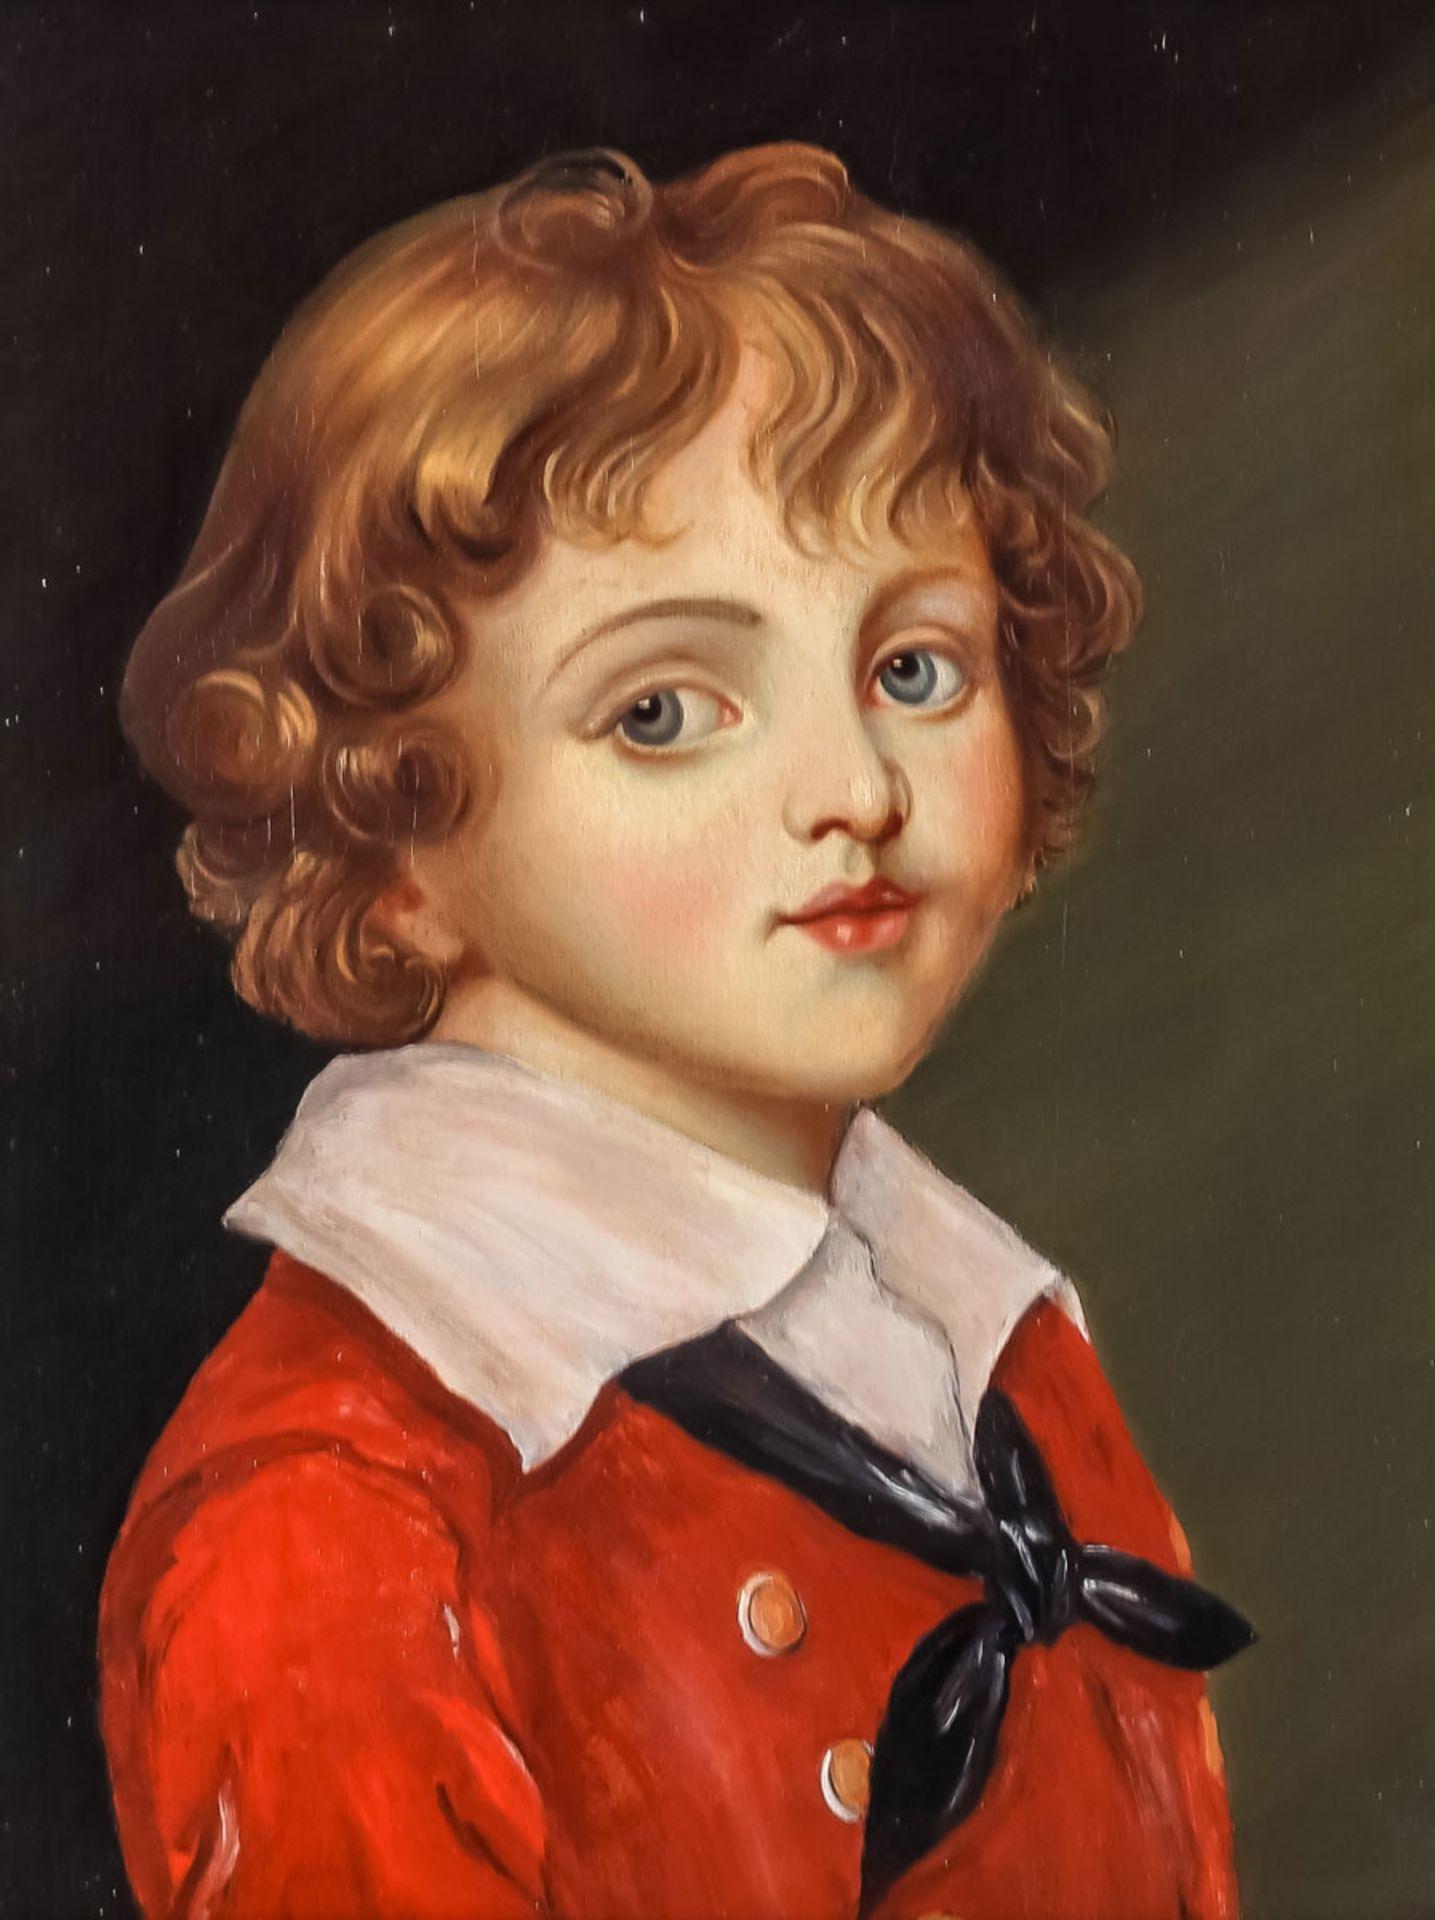 Künstler des 19. Jahrhunderts - Bild 2 aus 5